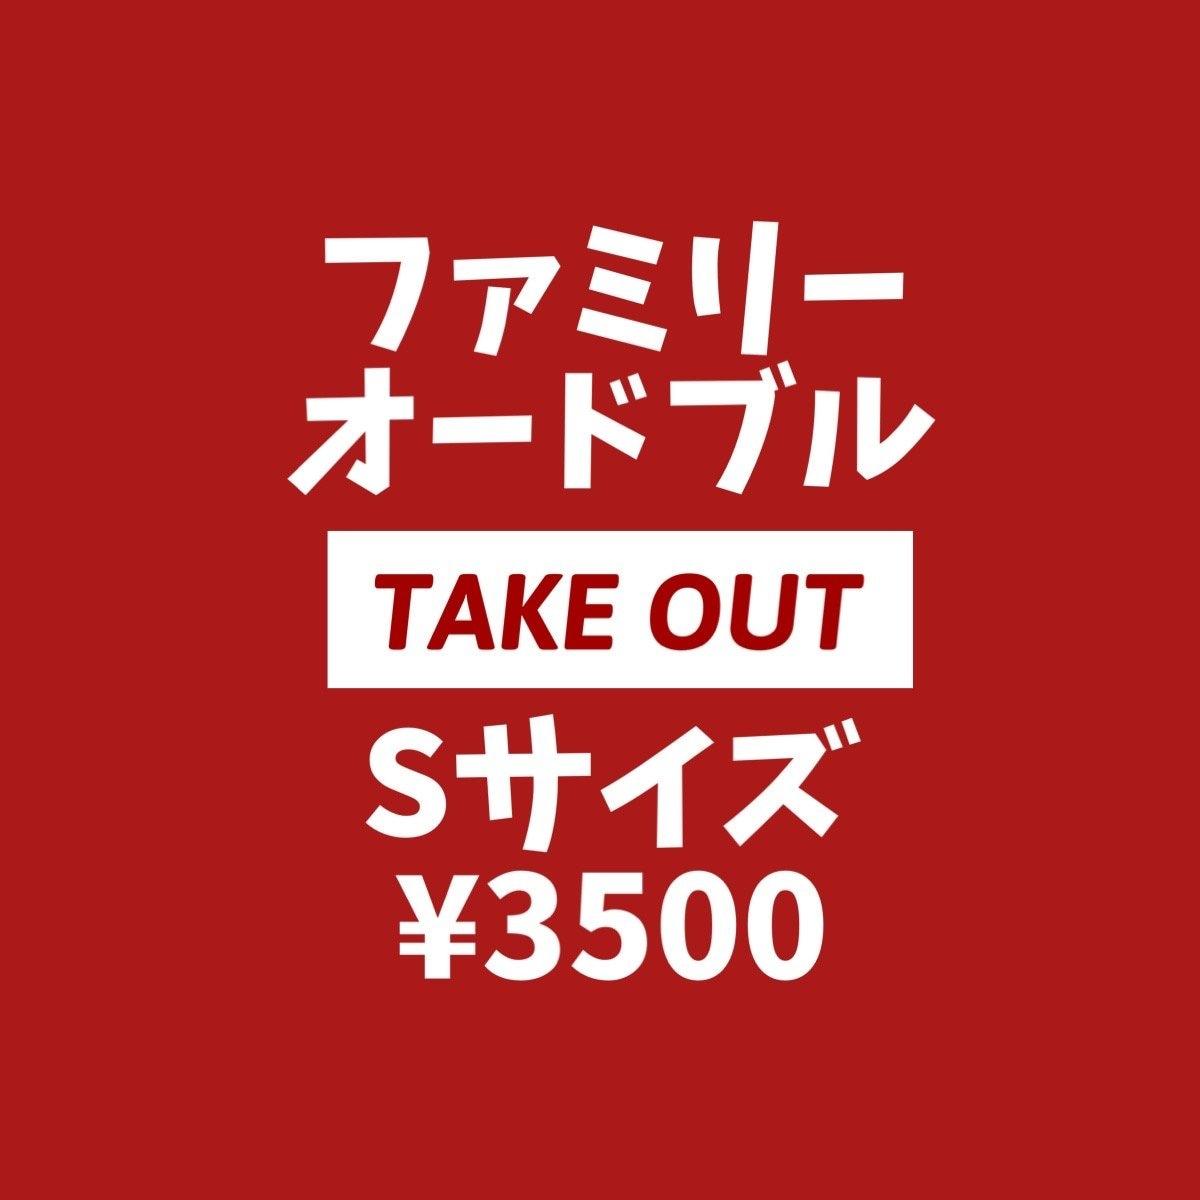 【テイクアウト•店頭支払いのみ専用】ファミリーオードブルSサイズ¥3500のイメージその1